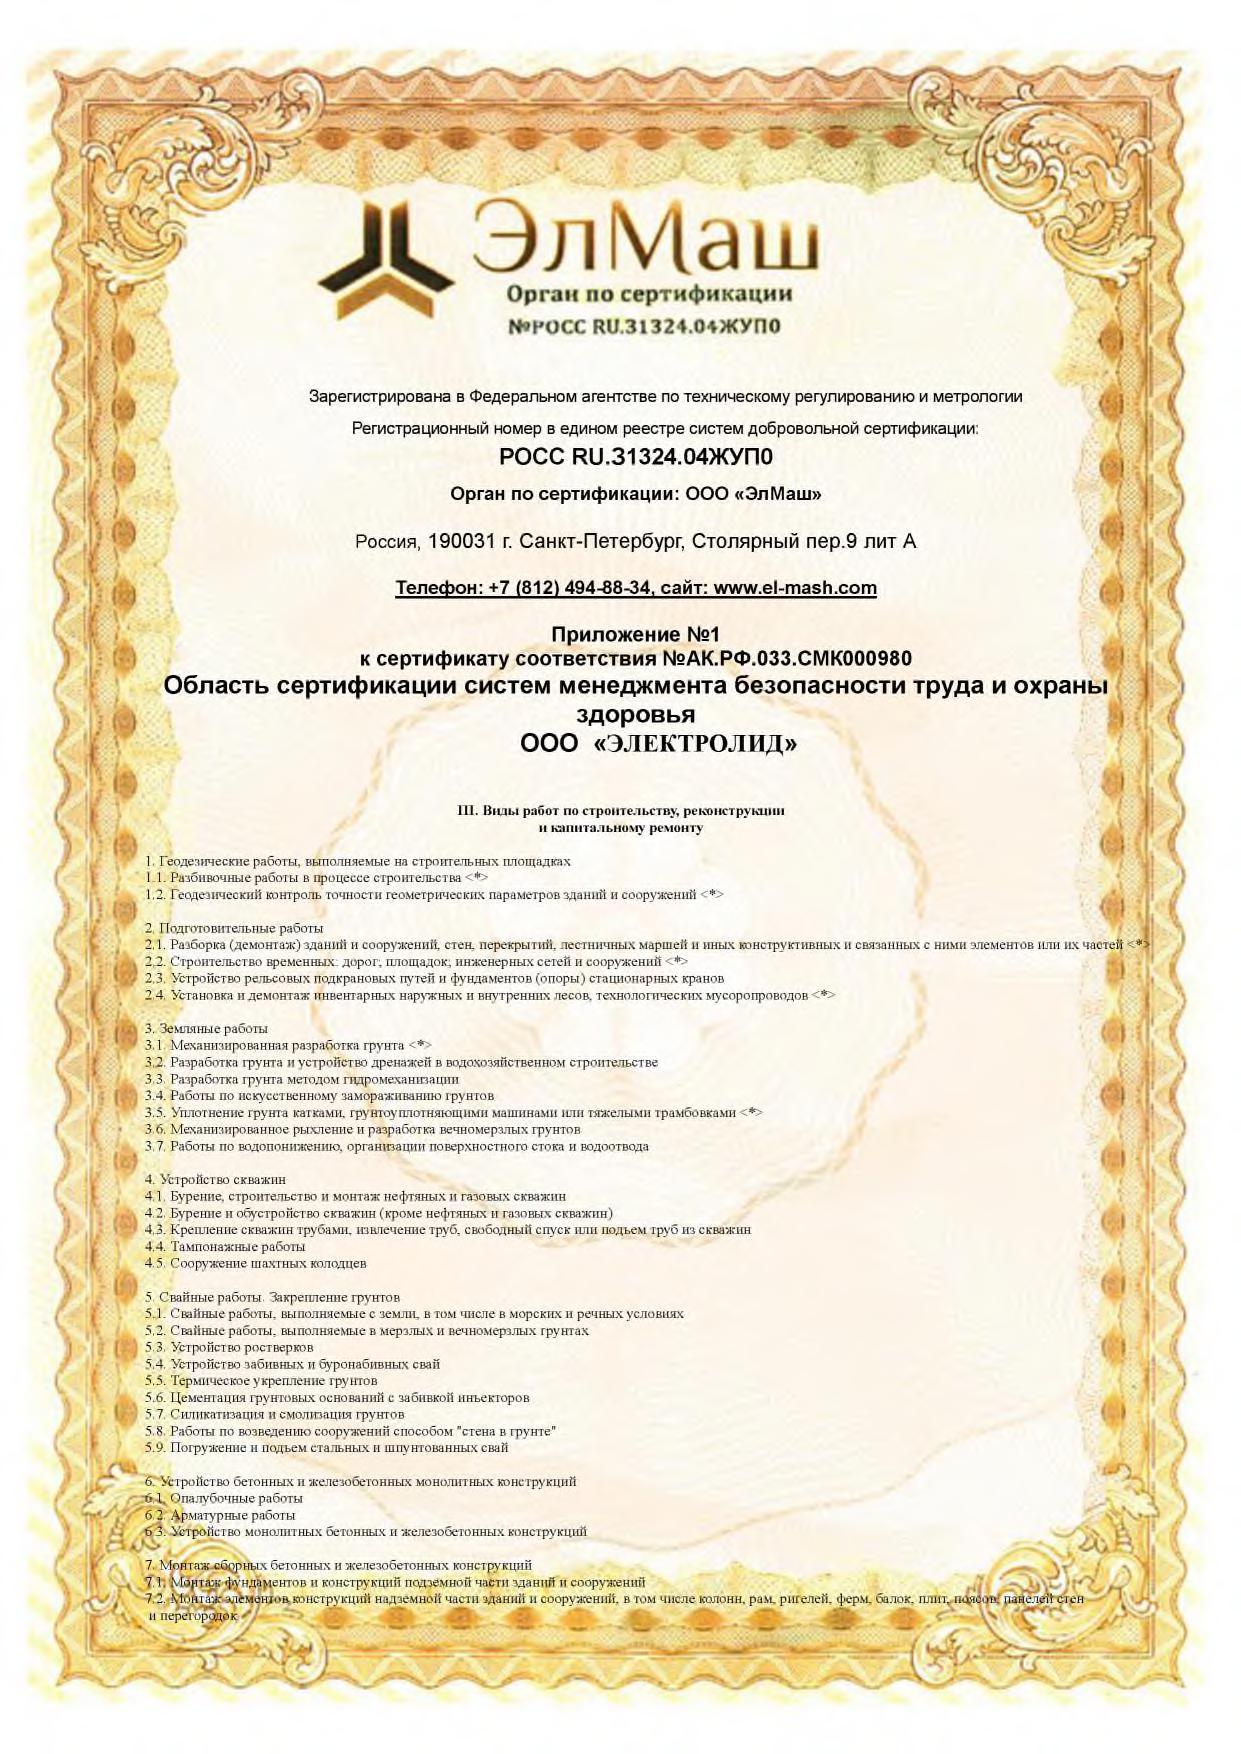 Сертификат соответствия Приложение стр 1